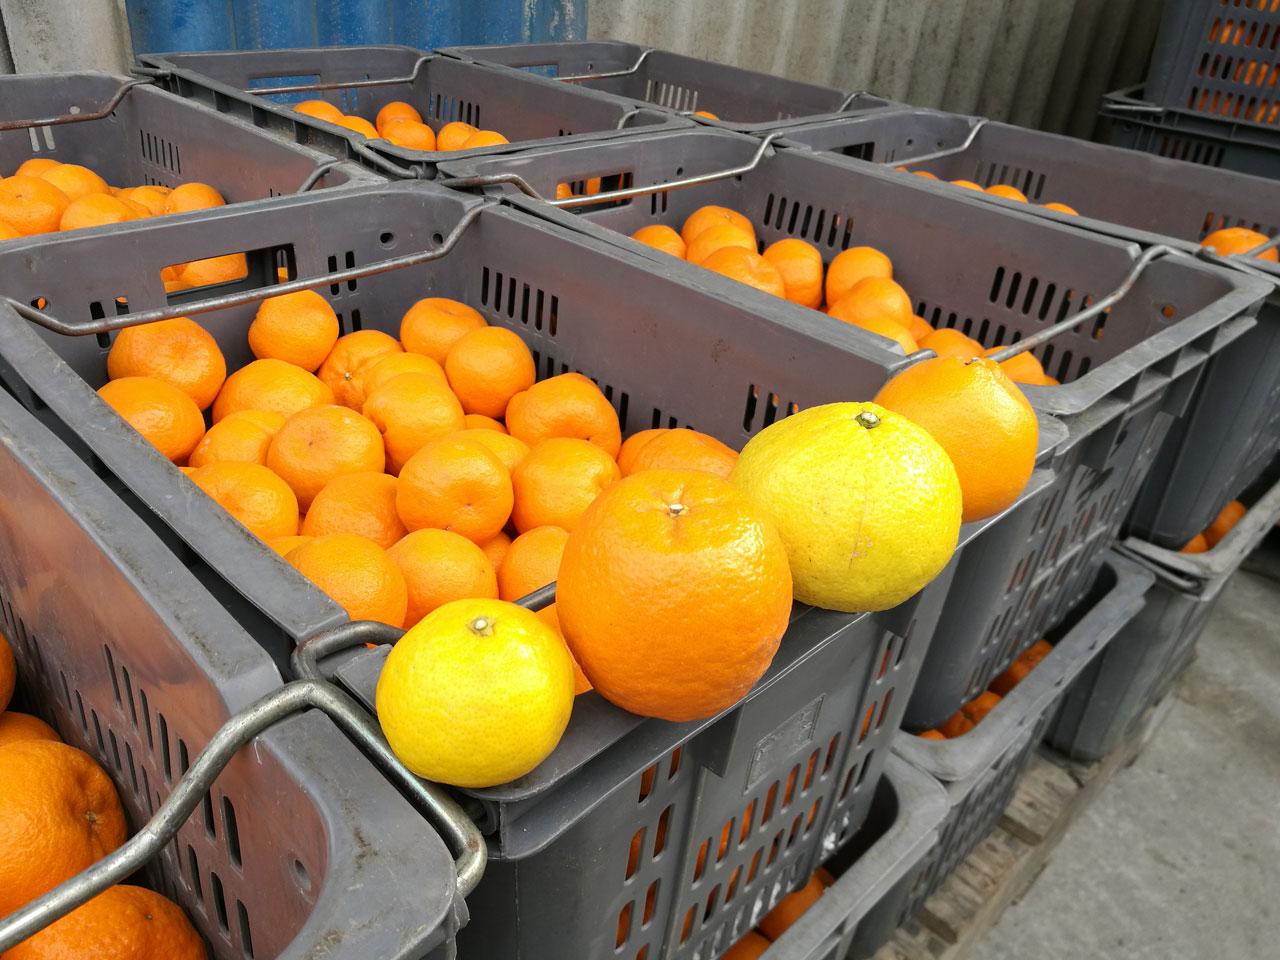 収穫した柑橘の写真